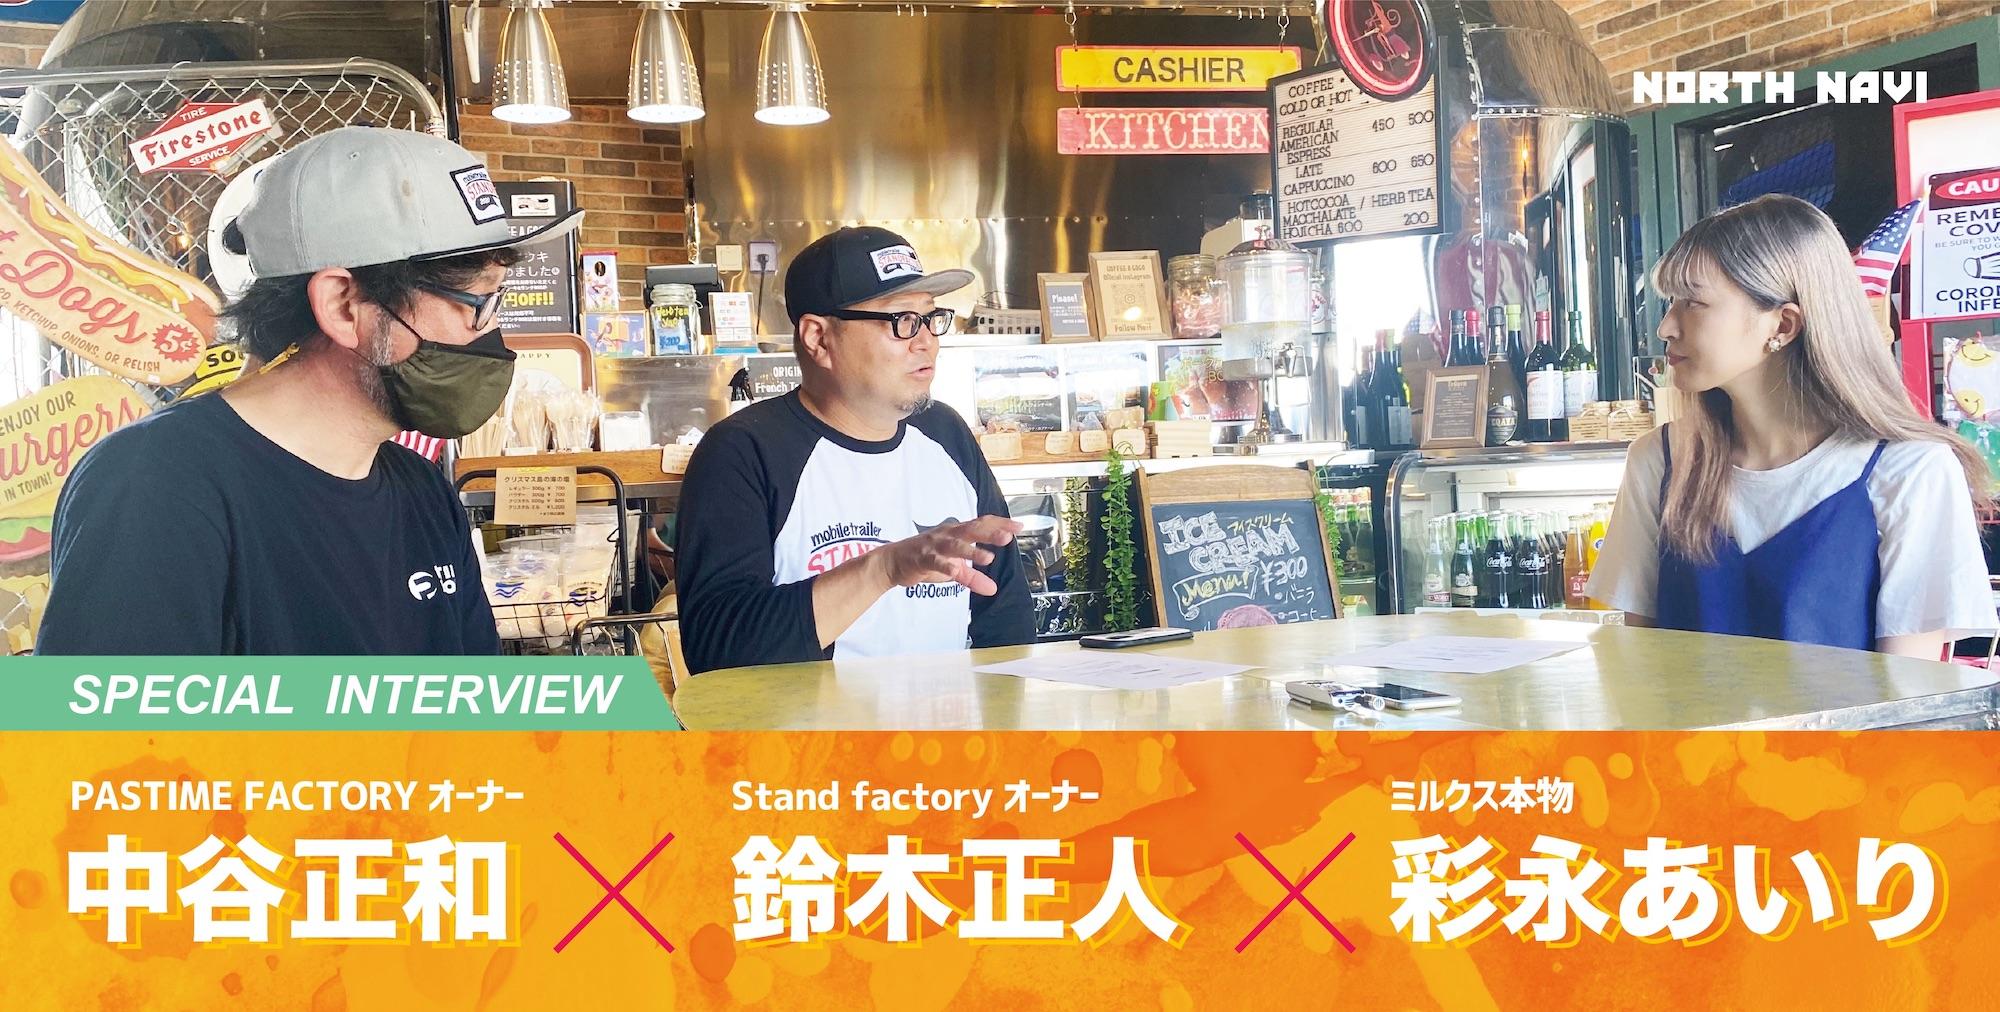 苫小牧 Stand factory PASTIME FACTORY